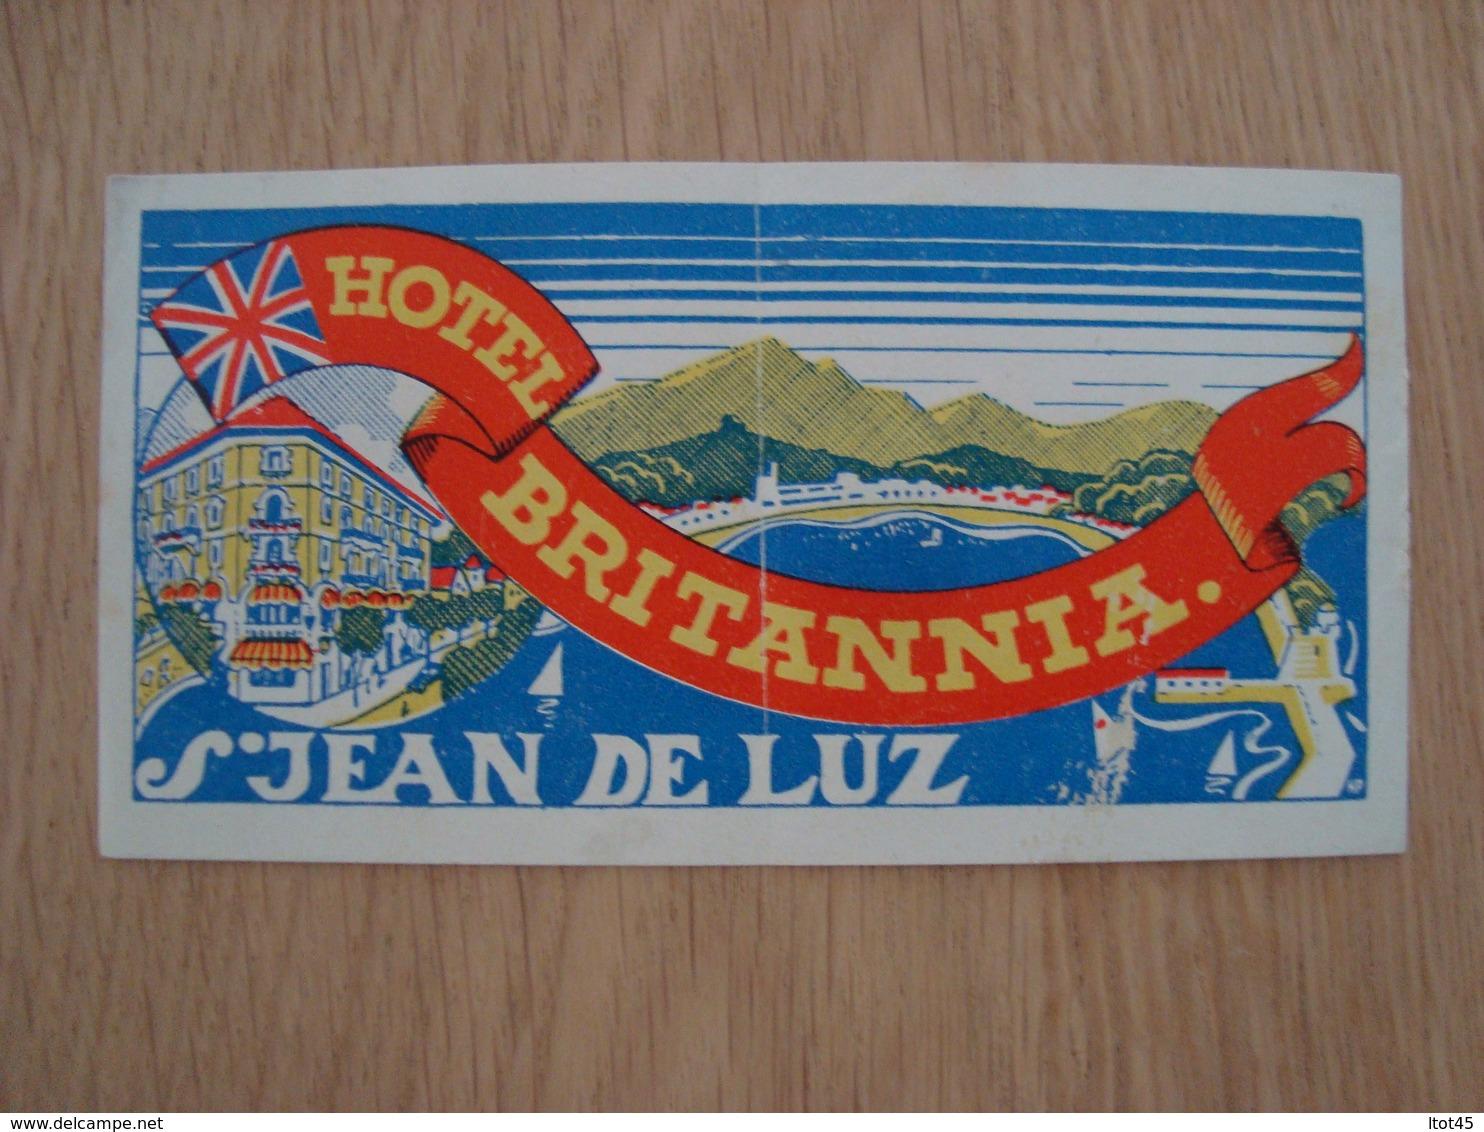 ETIQUETTE D'HOTEL BRITANNIA SAINT JEAN DE LUZ - Etiquettes D'hotels